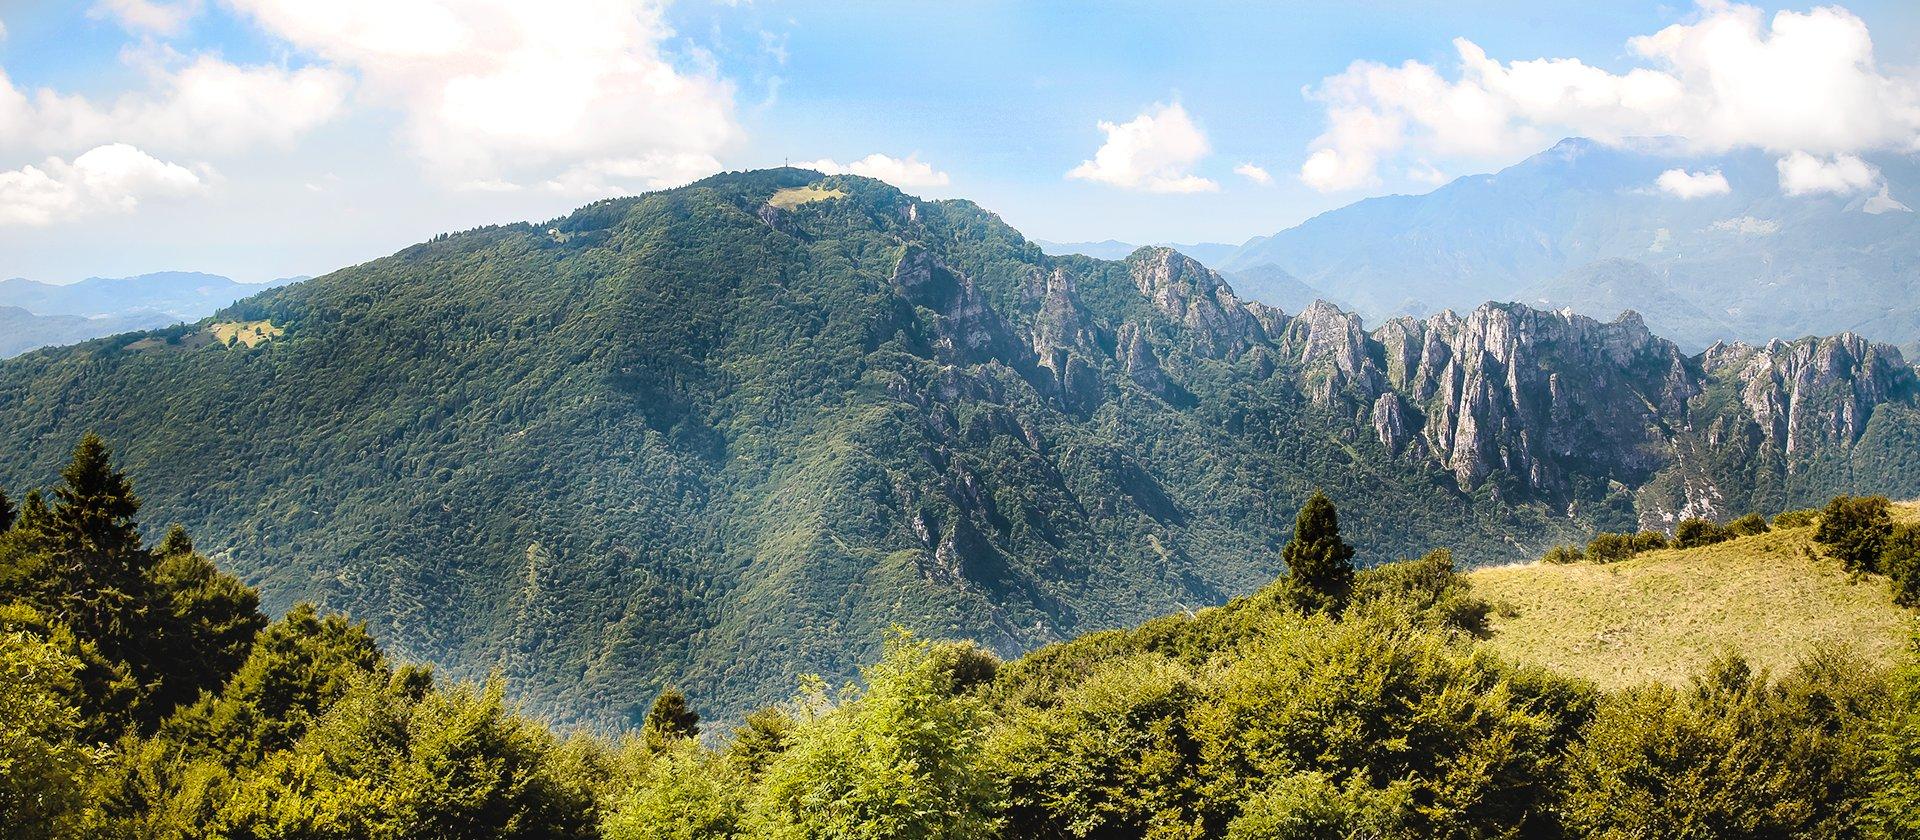 montagne altopiano di asiago